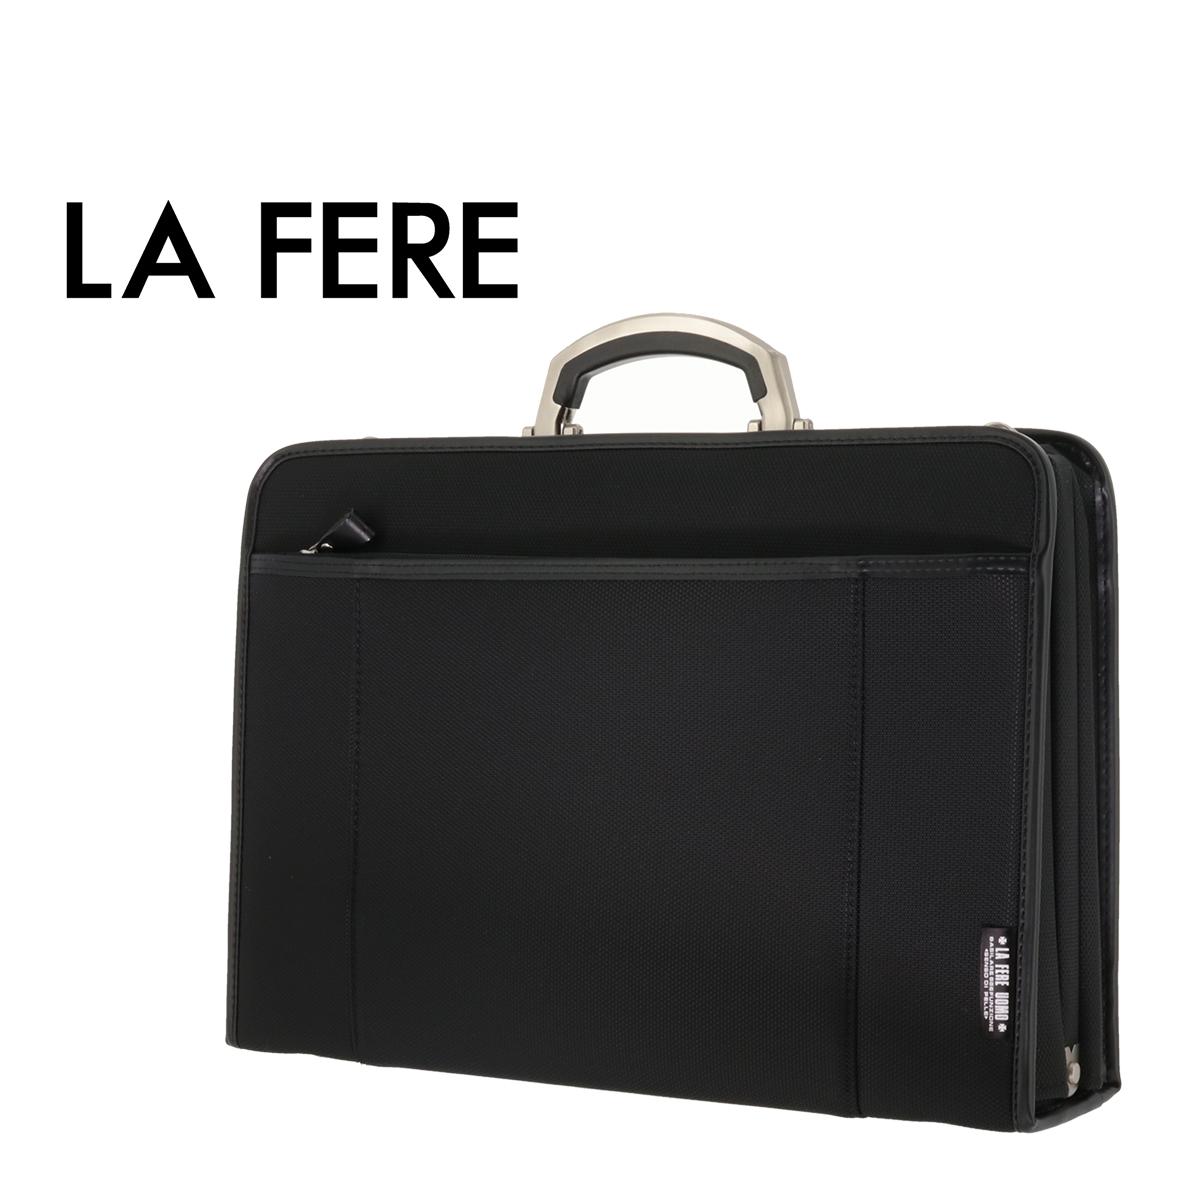 青木鞄 ラフェール ブリーフケース オプス 6725 LA FERE ビジネスバッグ メンズ 日本製 中空糸ナイロン[bef][PO10]